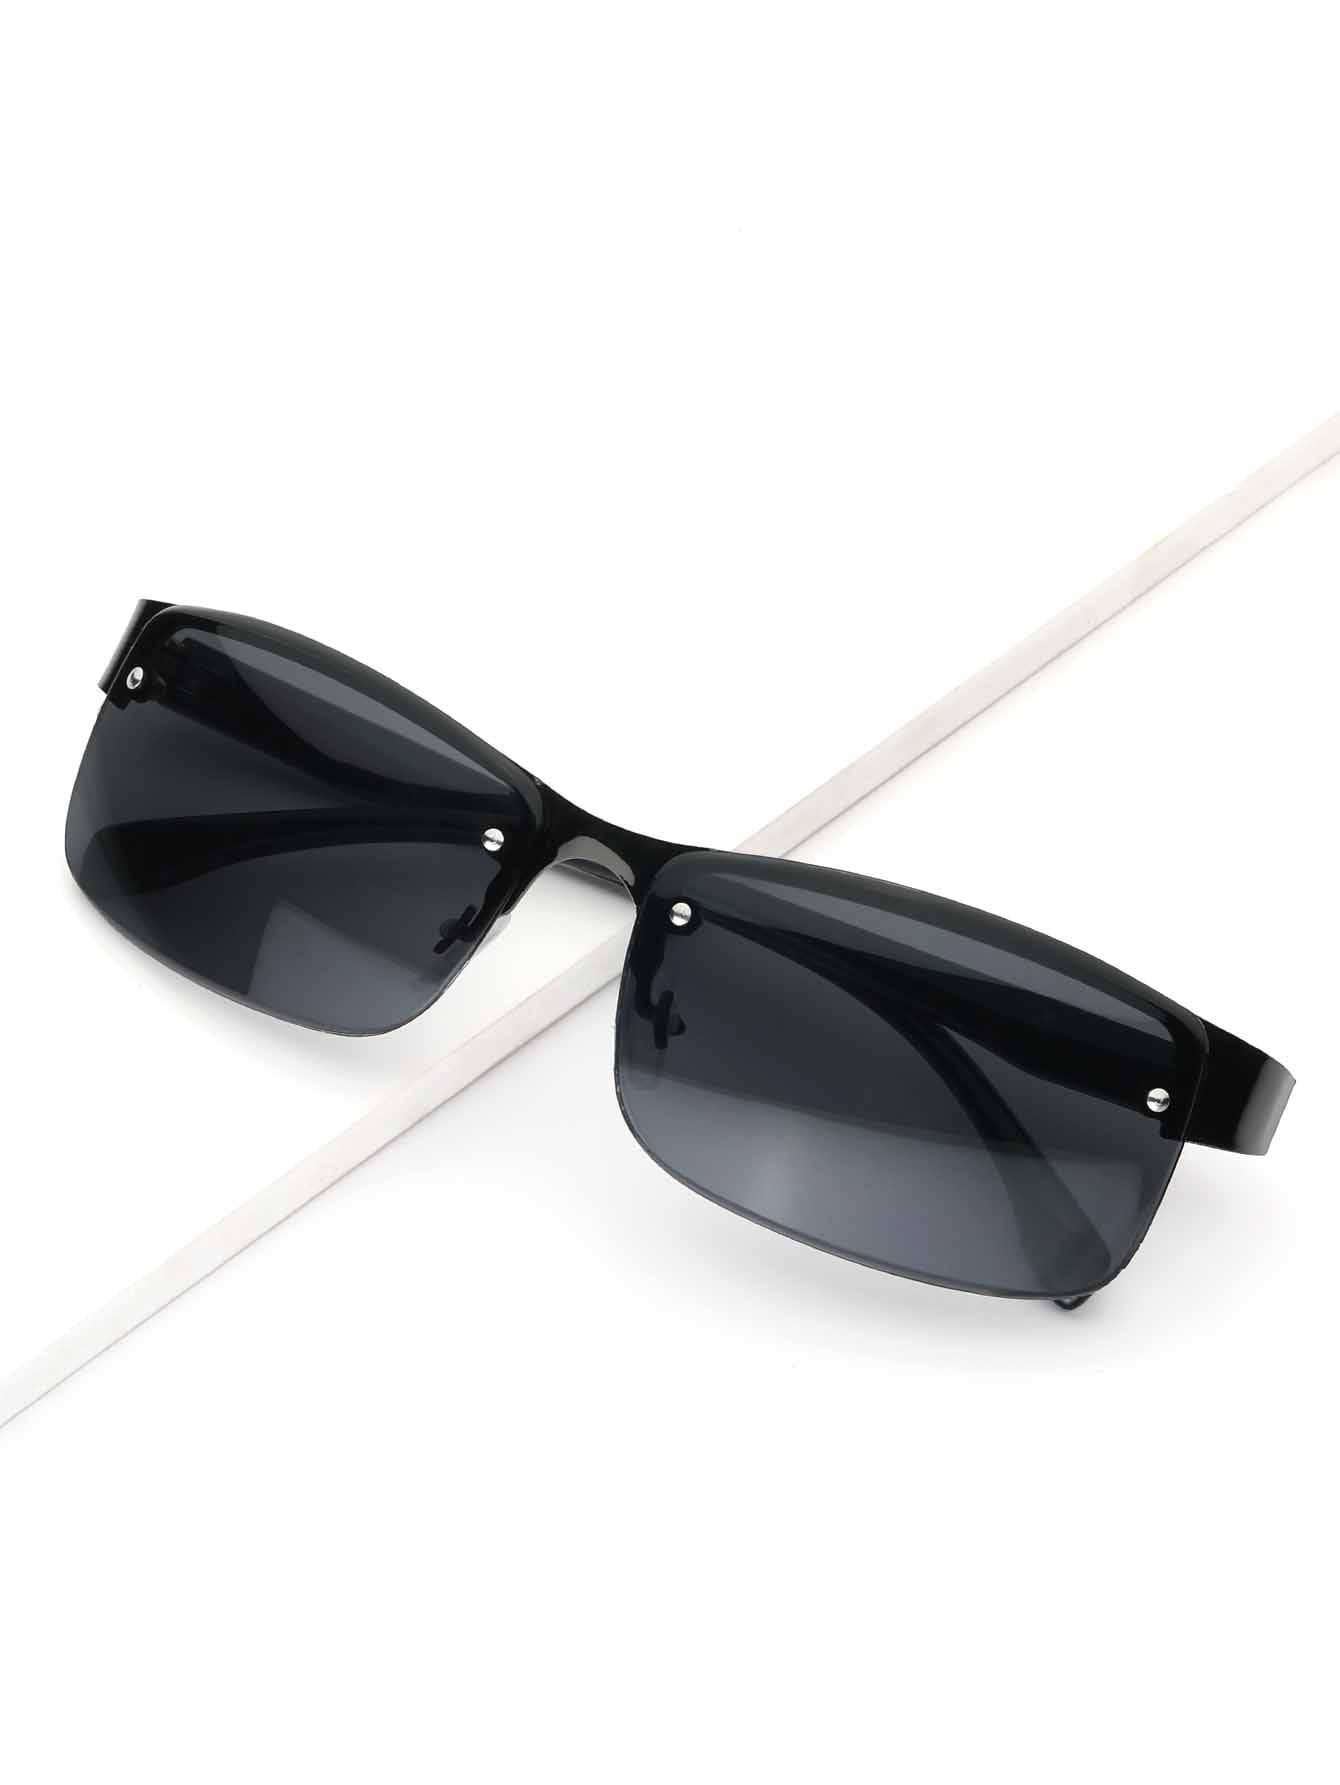 Купить Солнцезащитные очки с невидимыми металлическими оправами для мужчины, null, SheIn